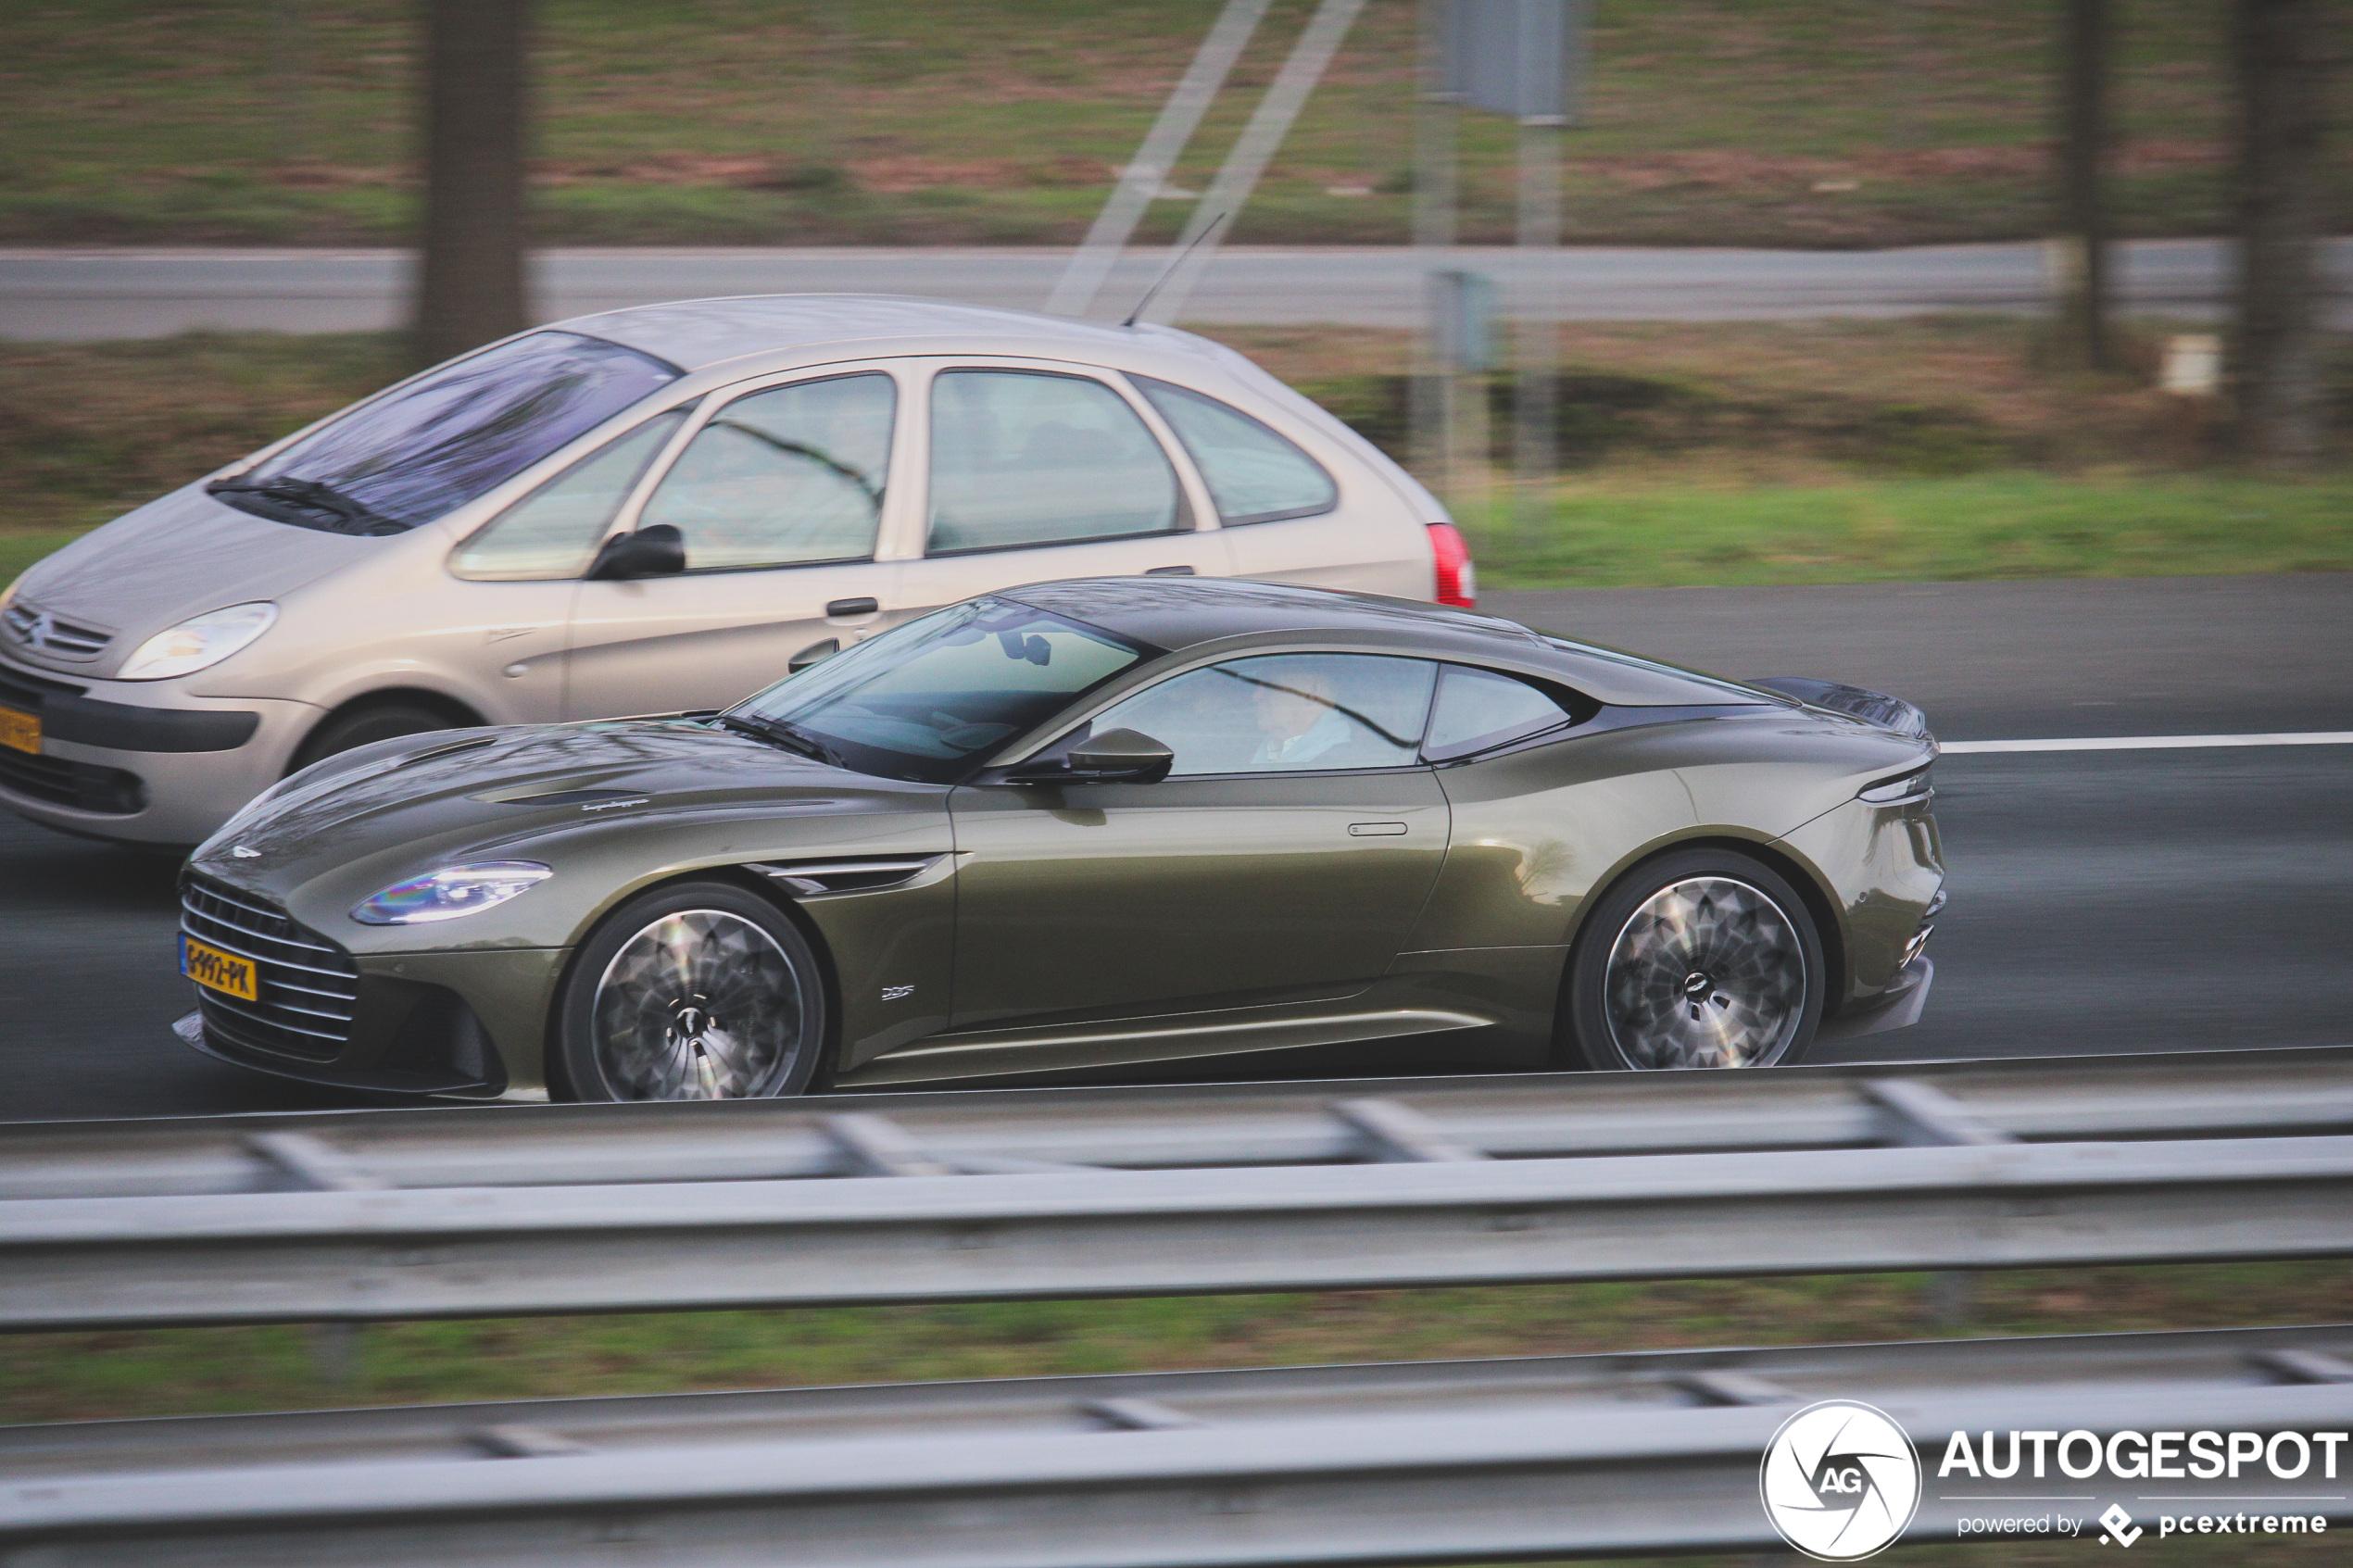 Aston Martin Dbs Superleggera Ohmss Edition 11 Januar 2020 Autogespot